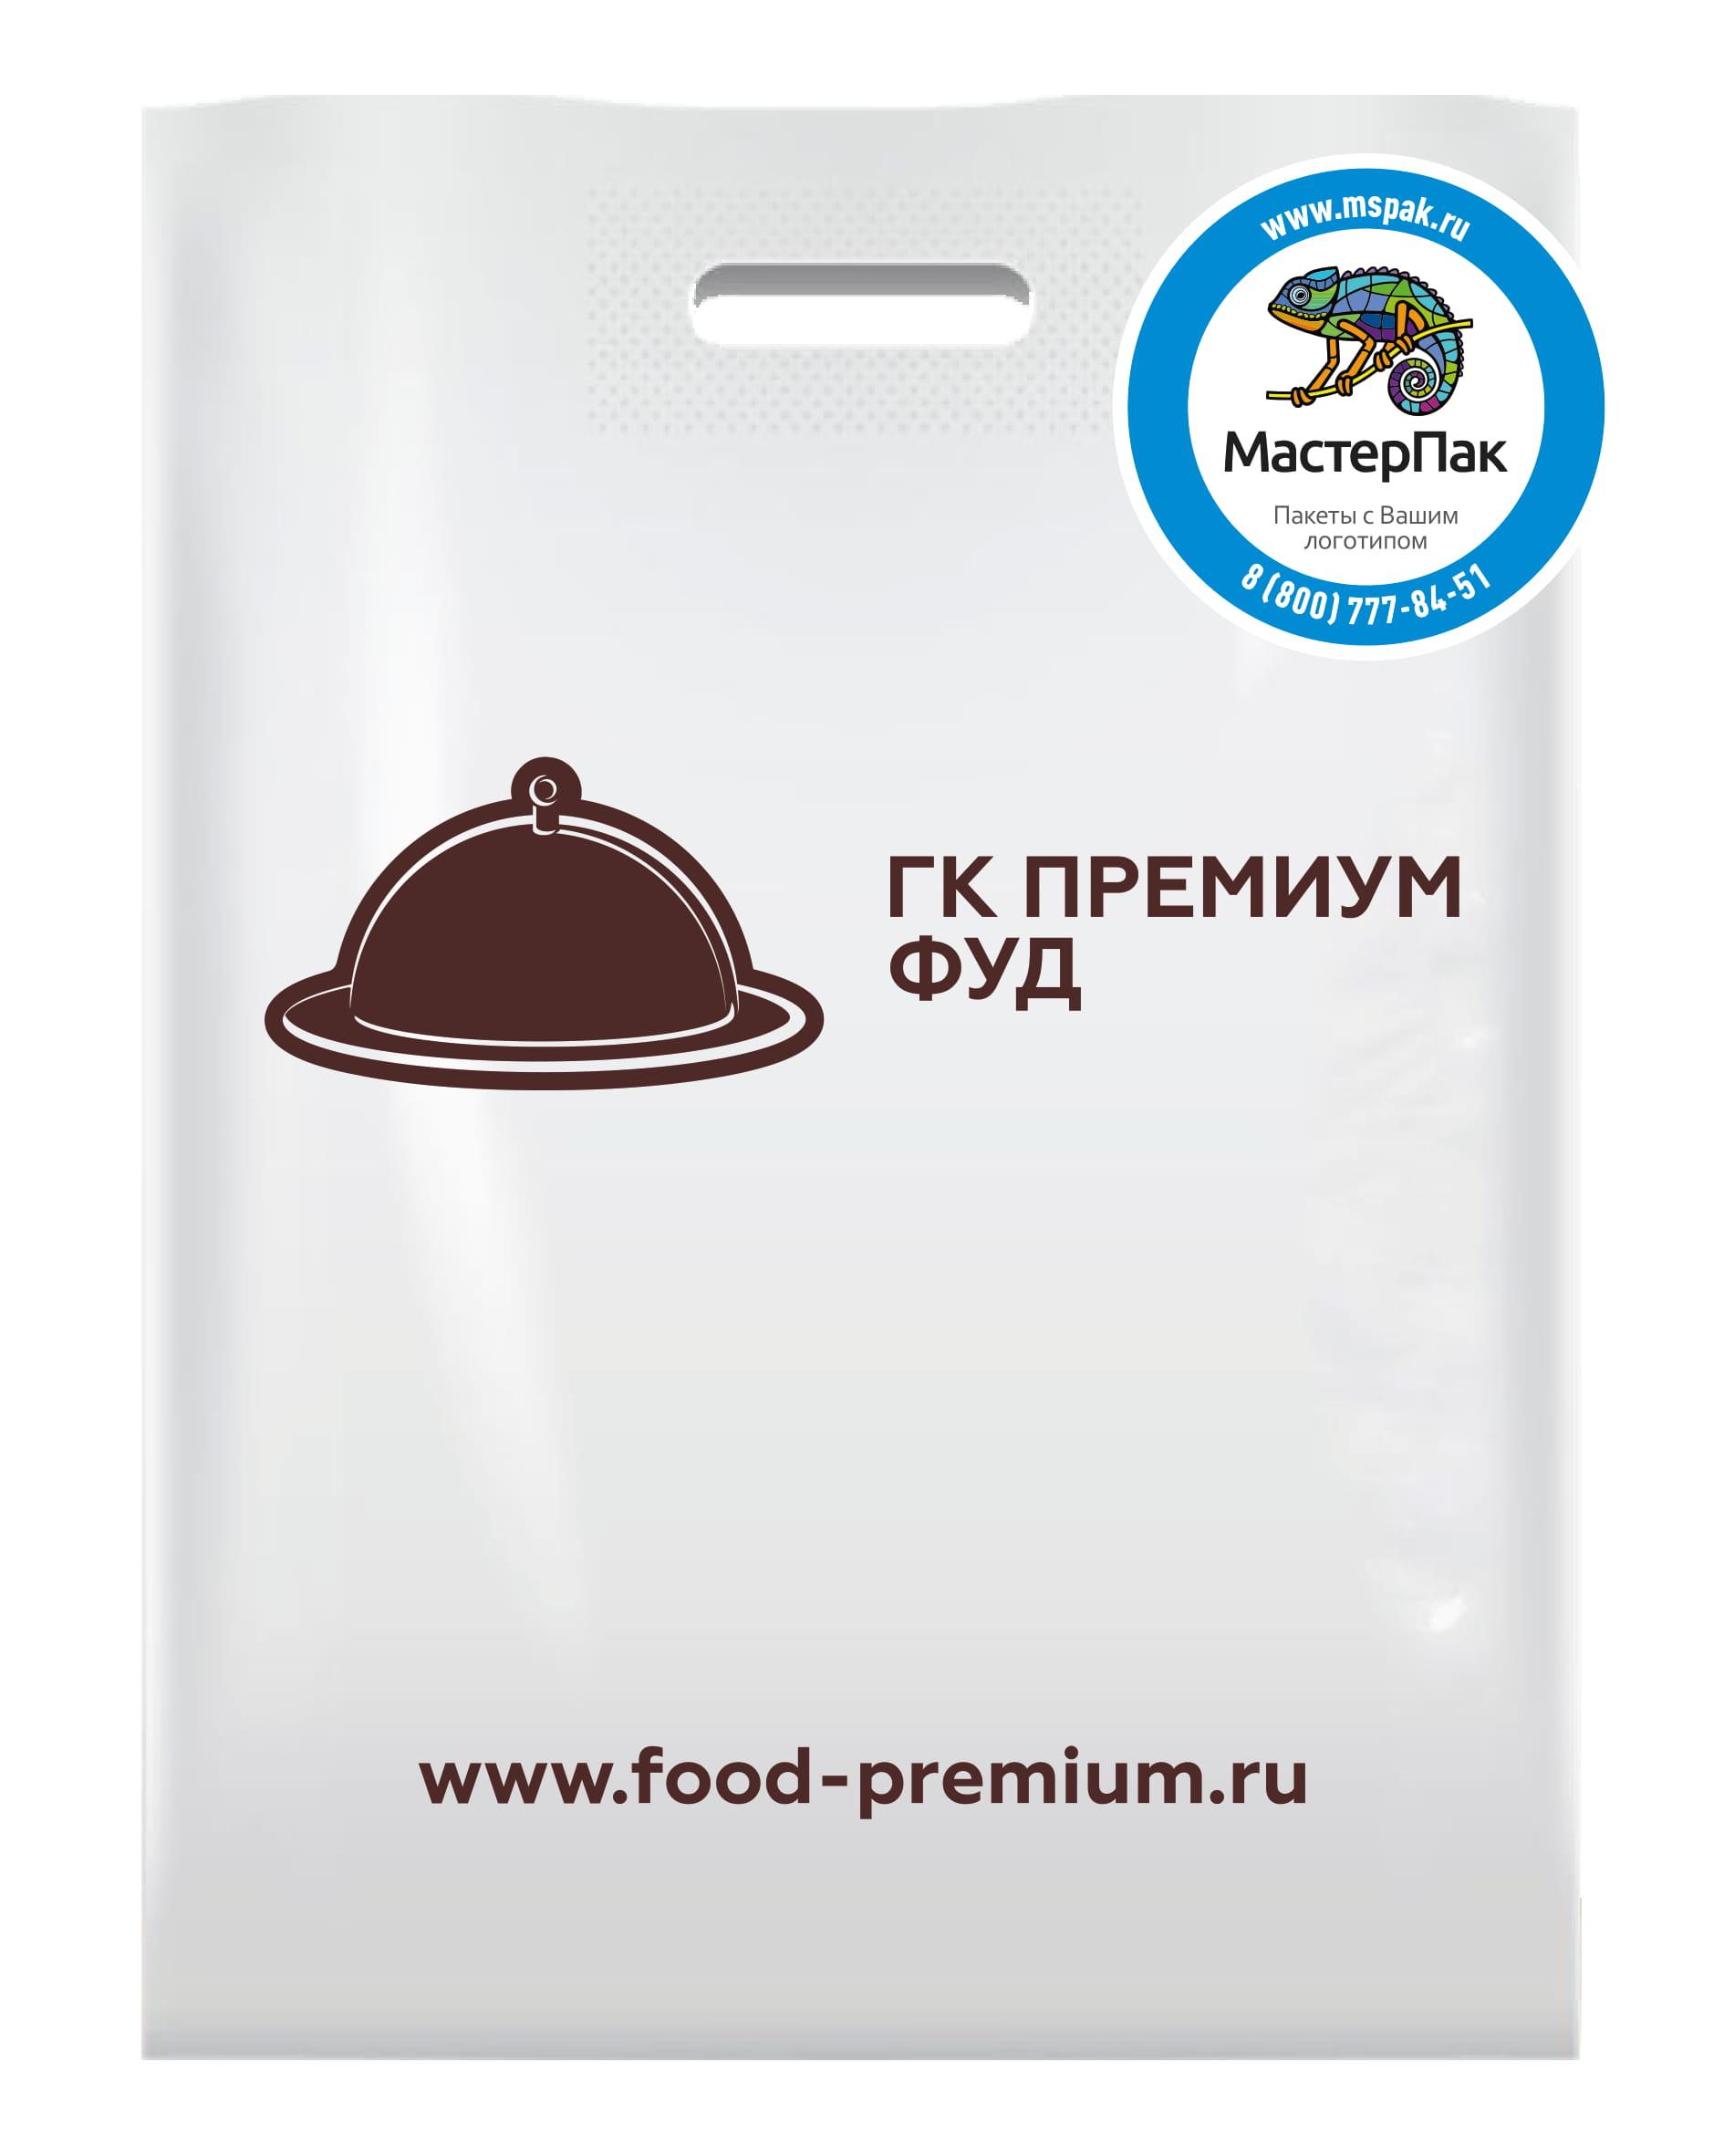 pakety9 10 17